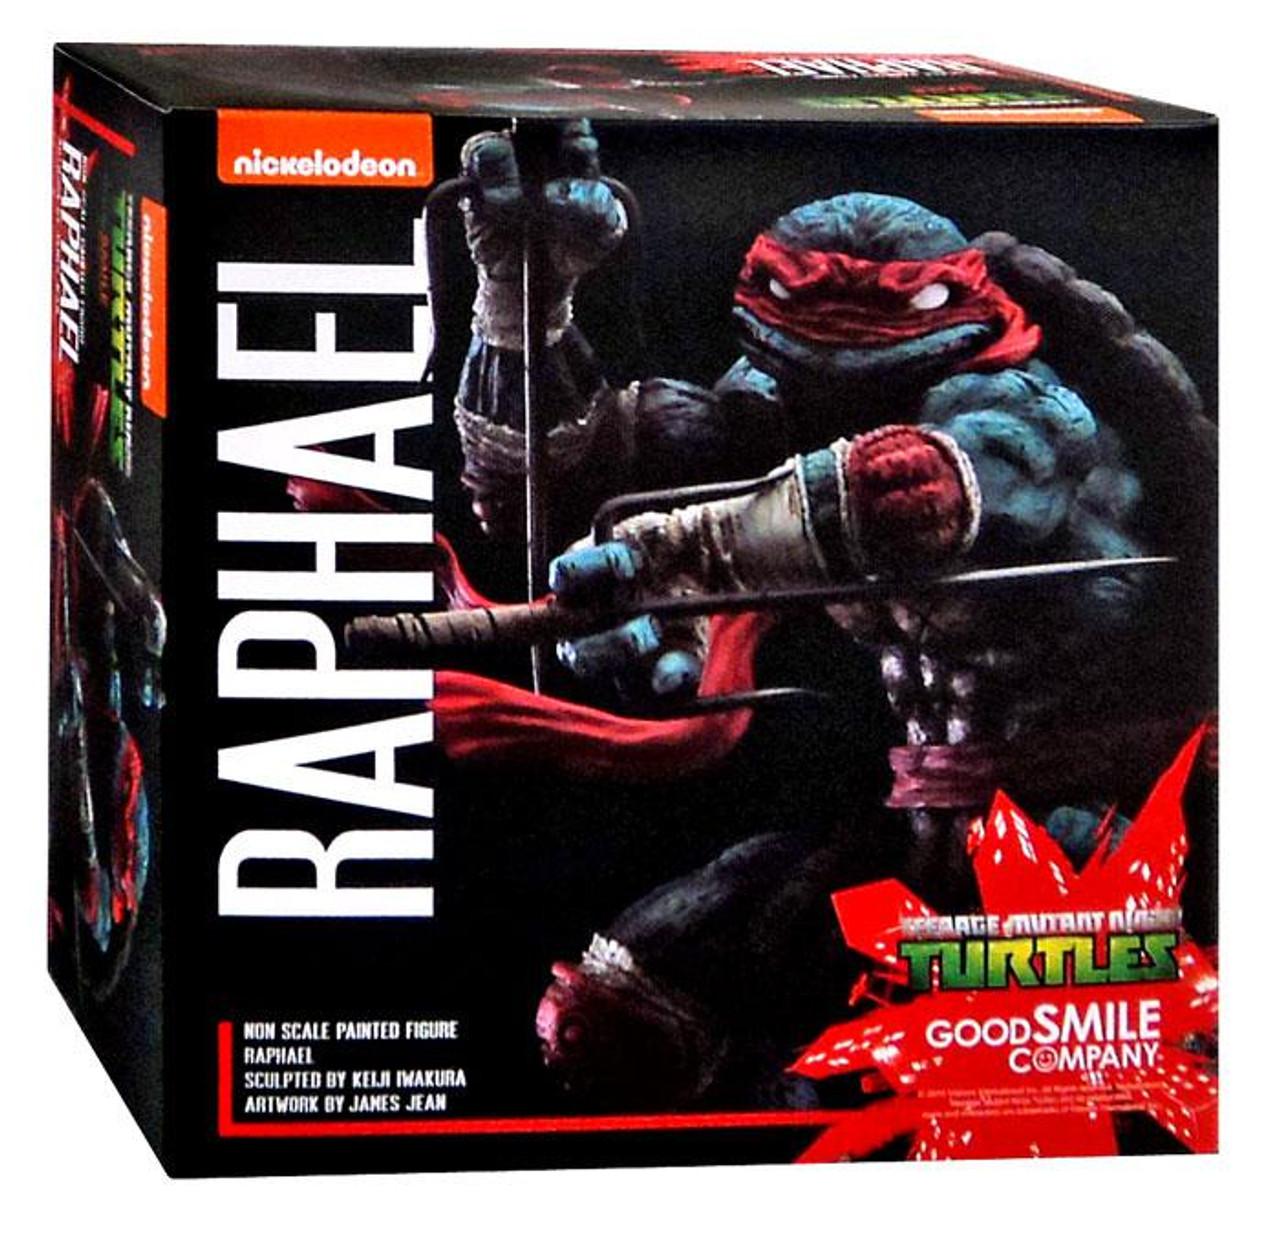 Teenage Mutant Ninja Turtles Raphael Pvc Statue Good Smile Company